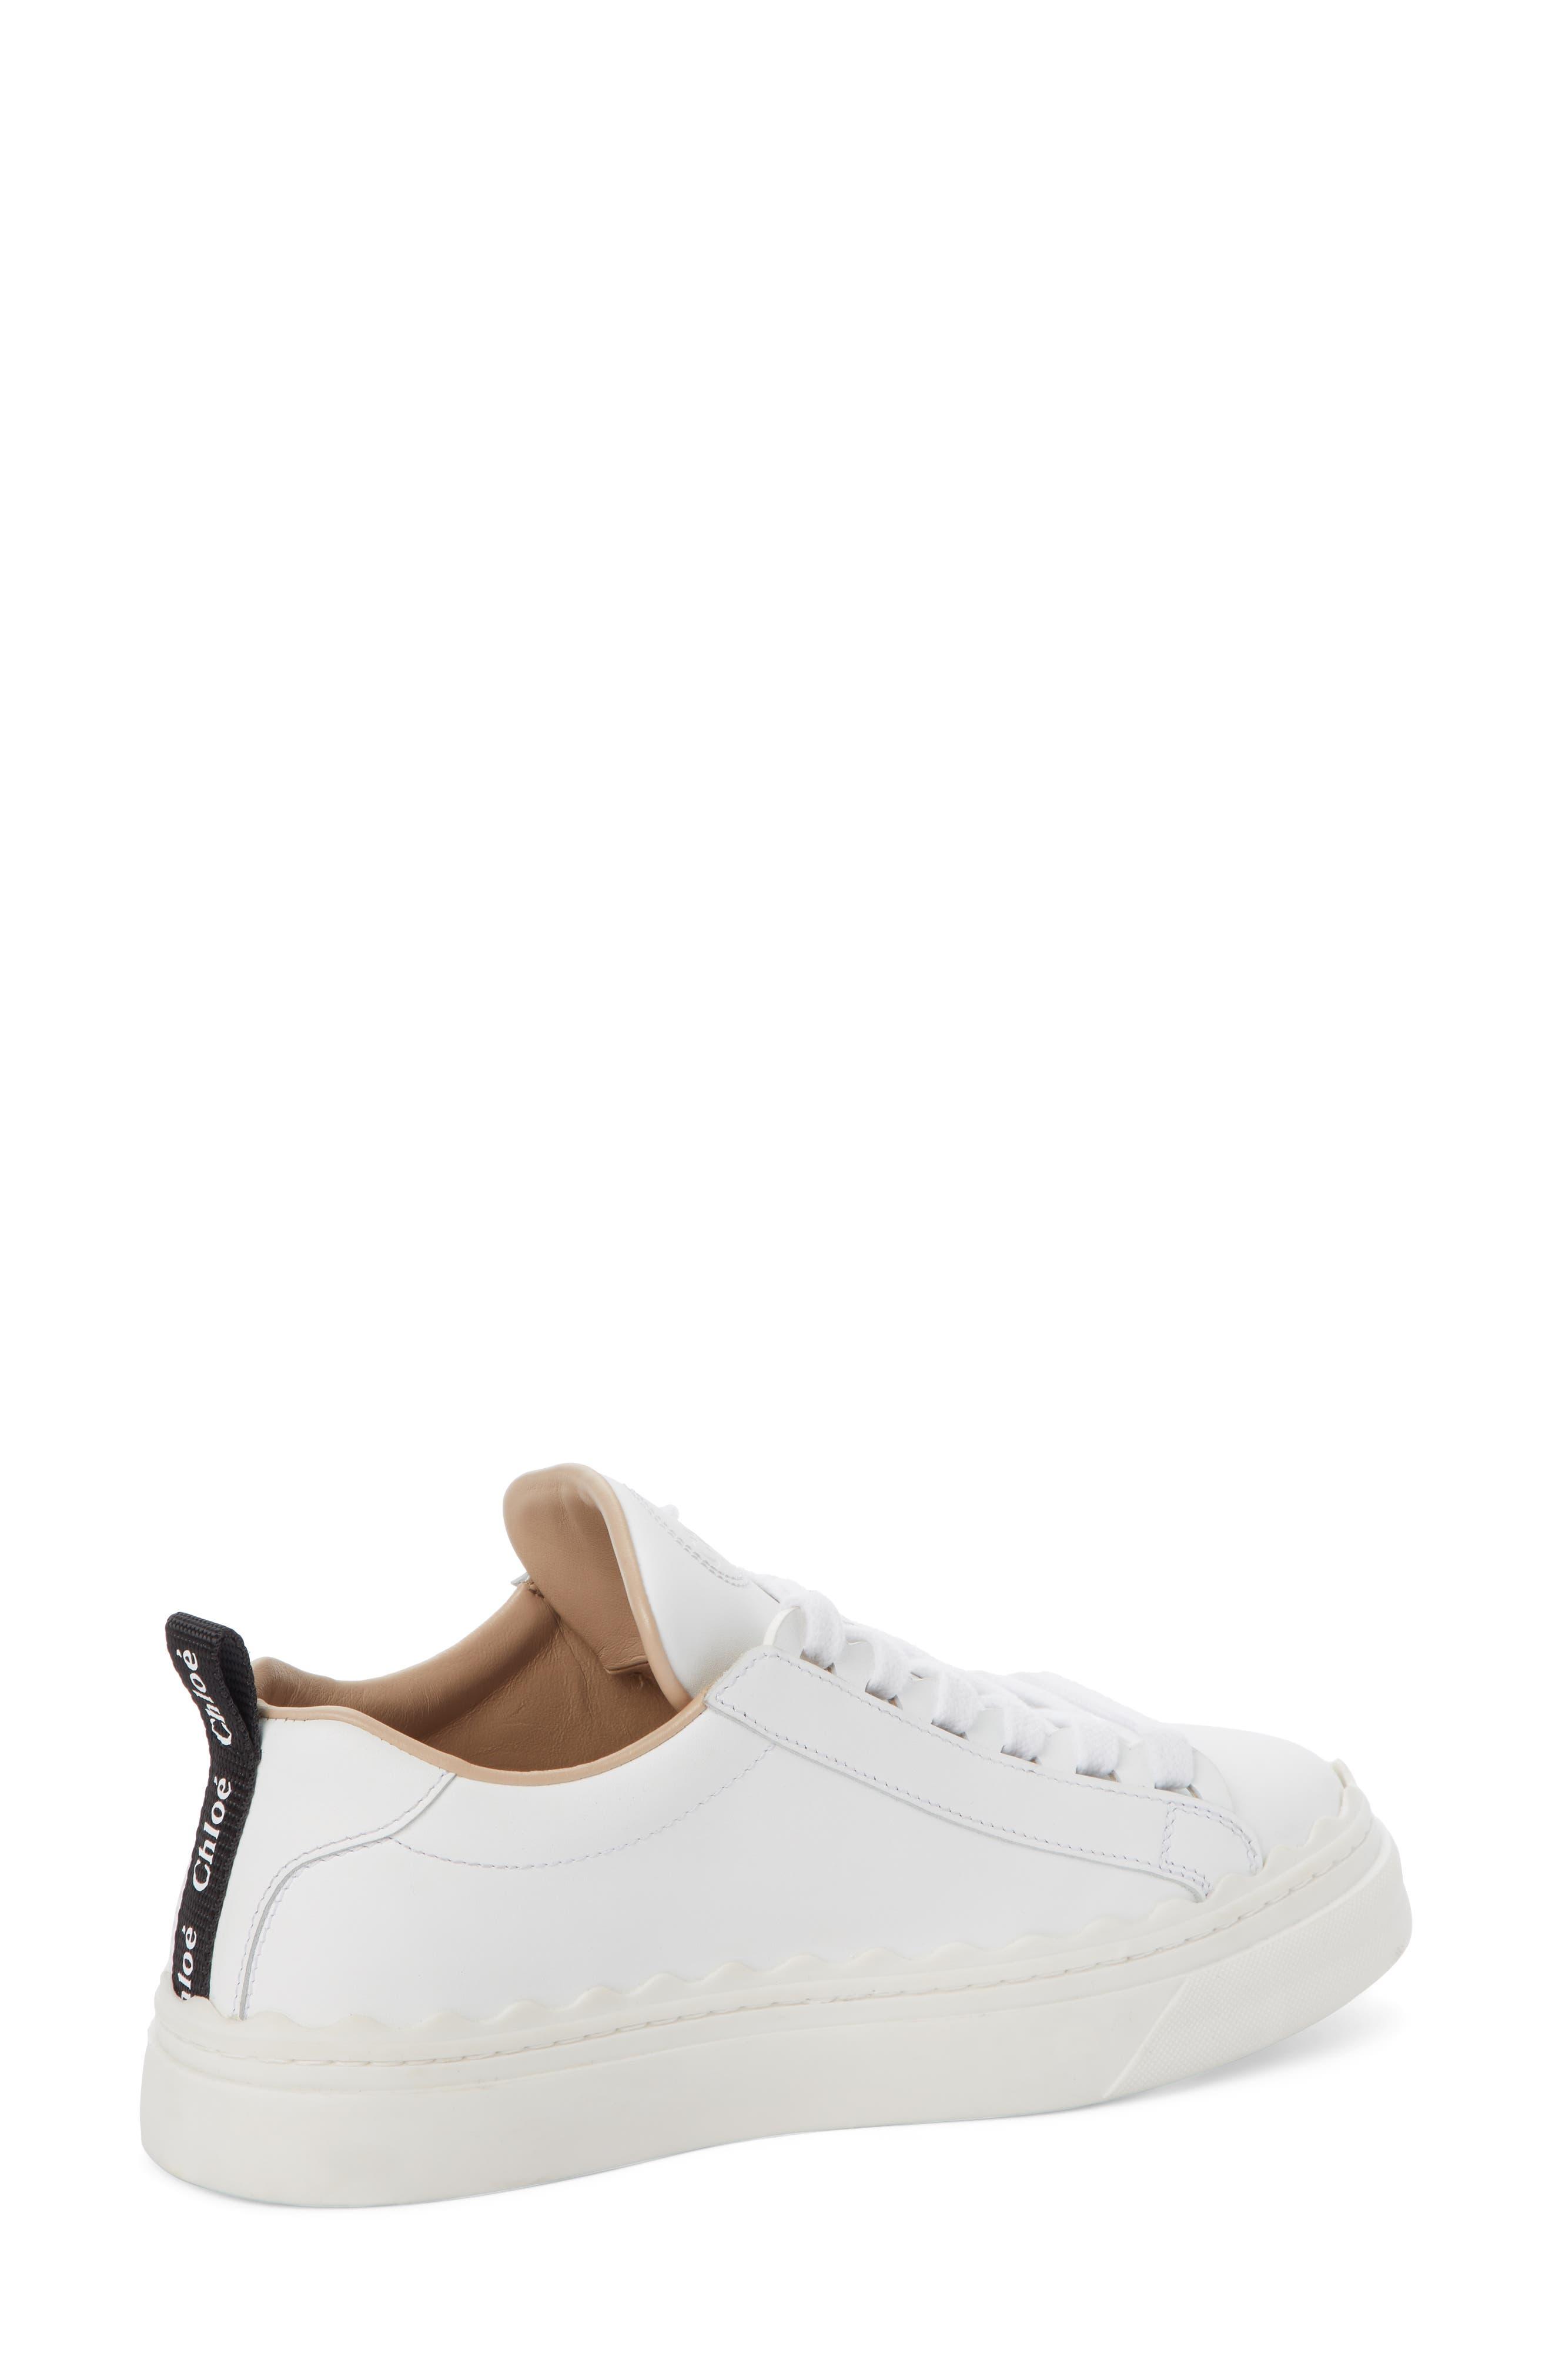 Lauren Sneaker,                             Alternate thumbnail 2, color,                             WHITE LEATHER